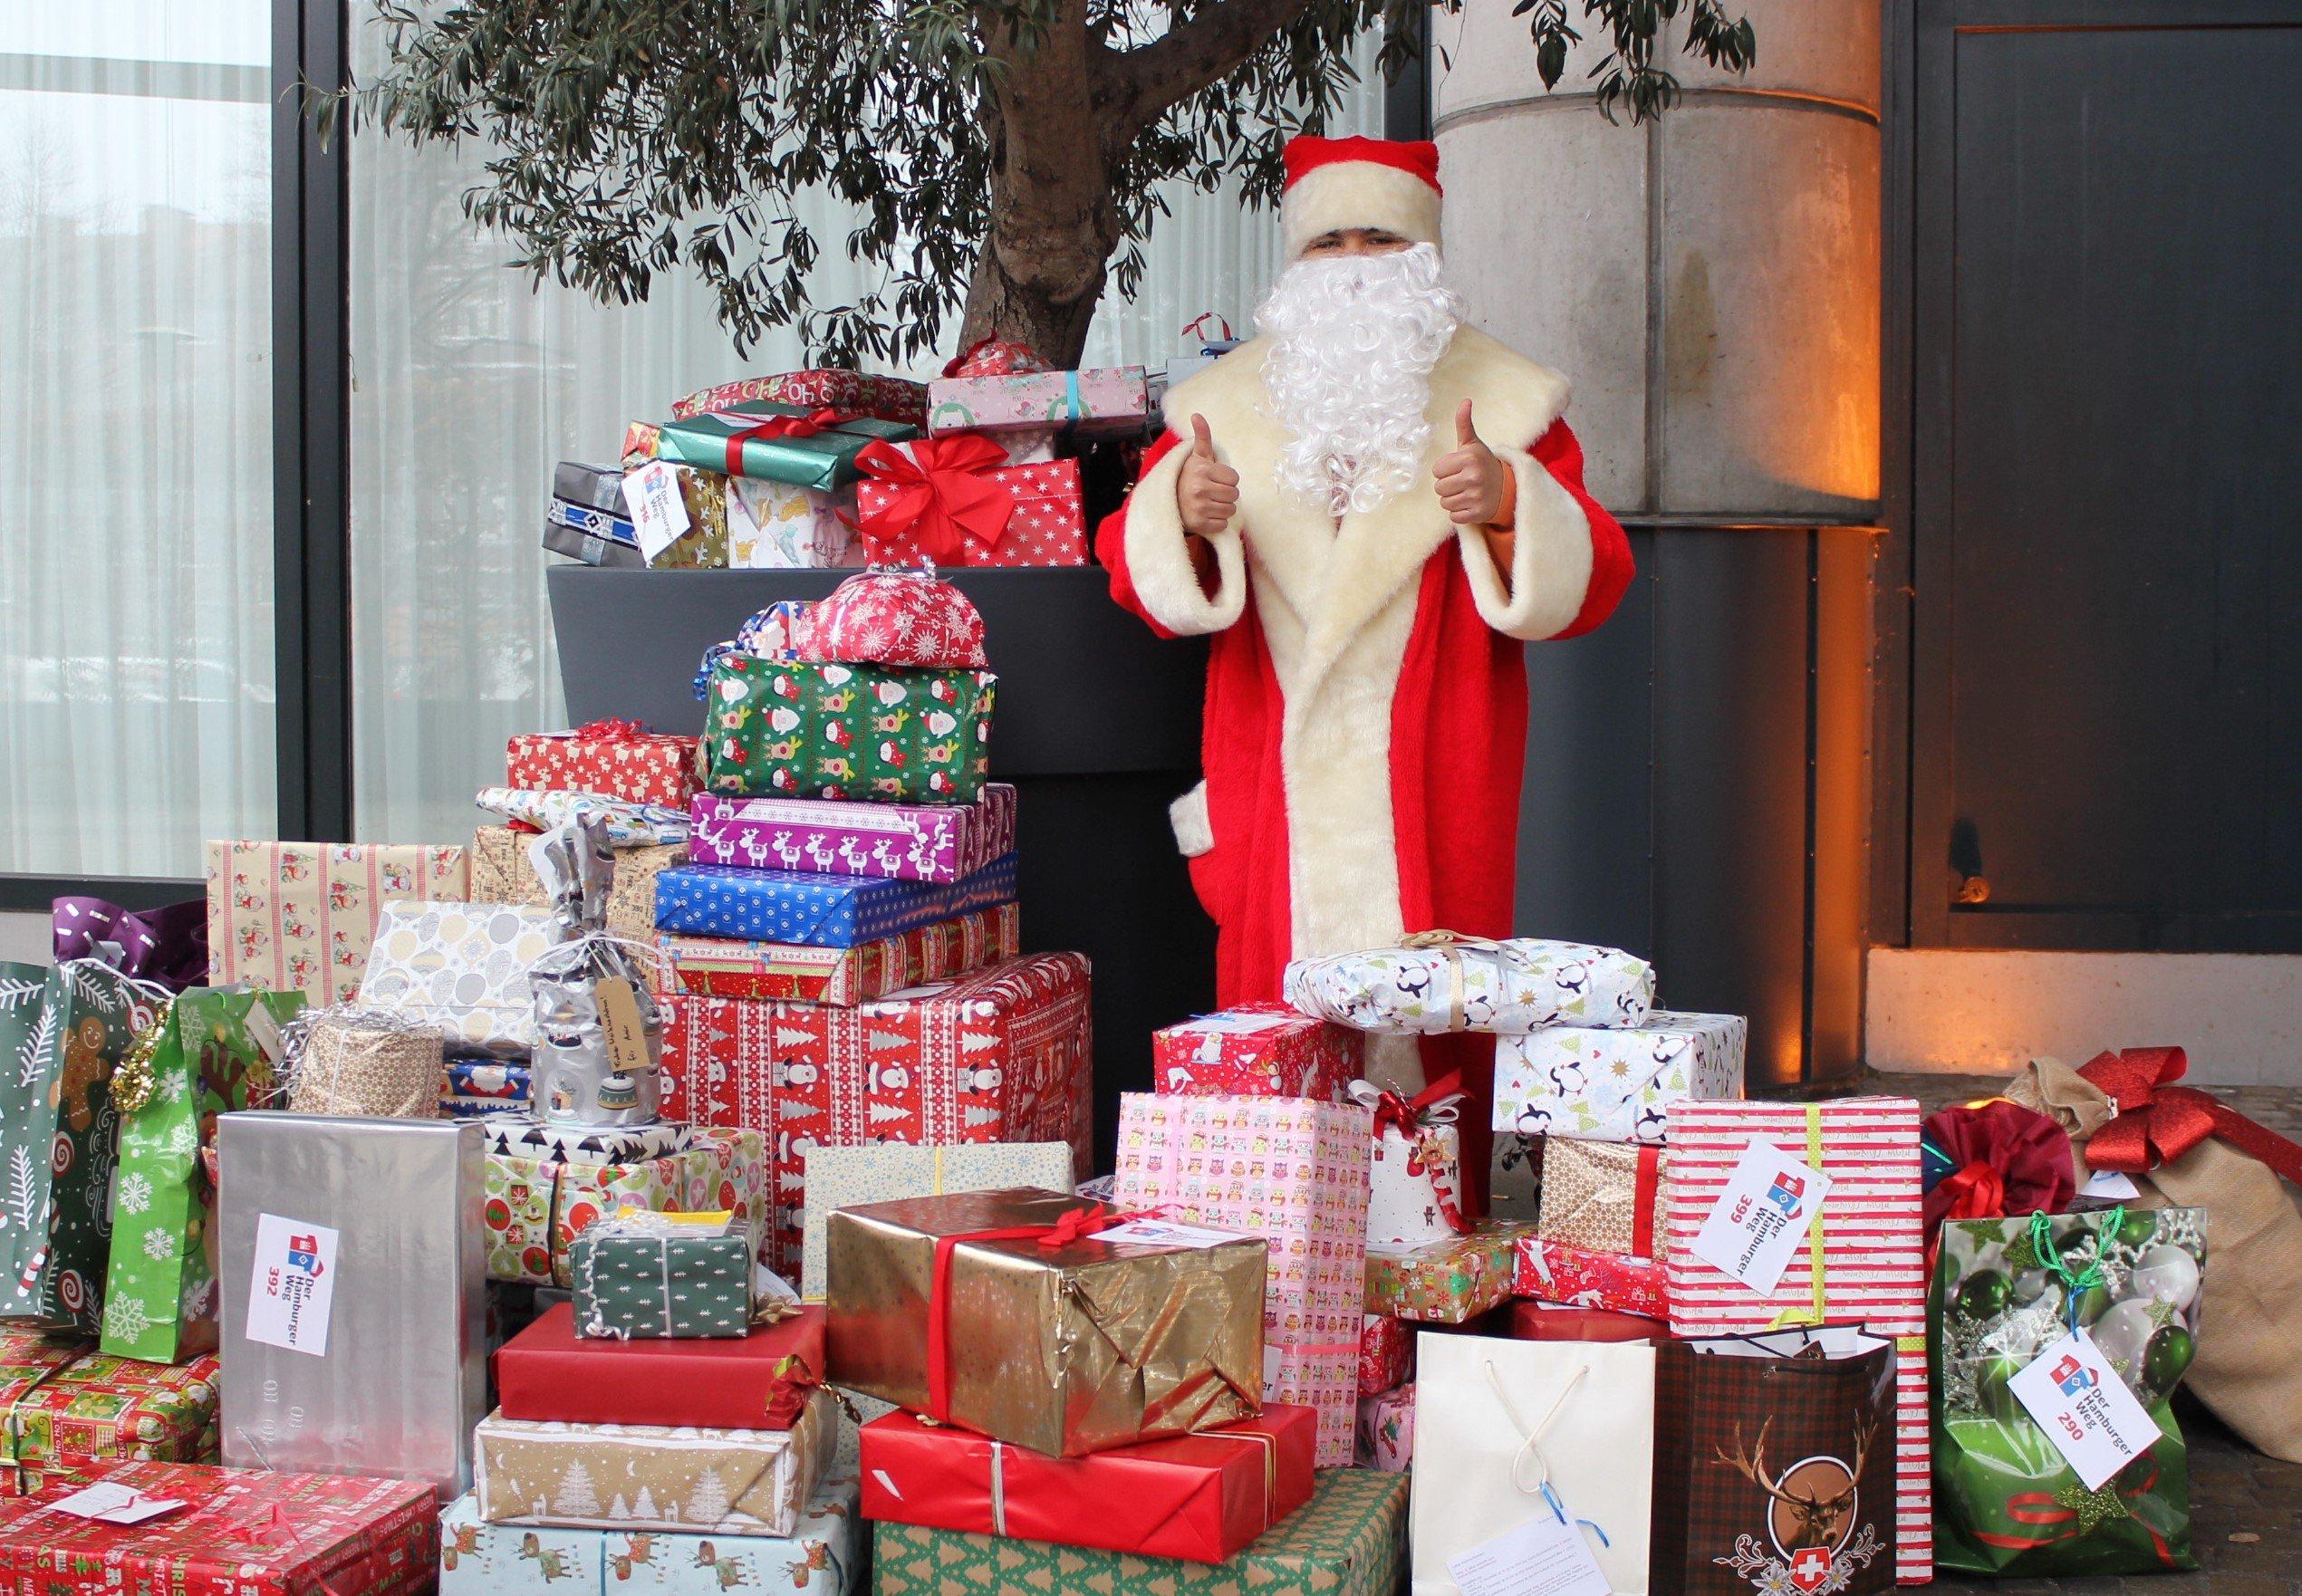 Weihnachtsmann mit Geschenken, Daumen hoch